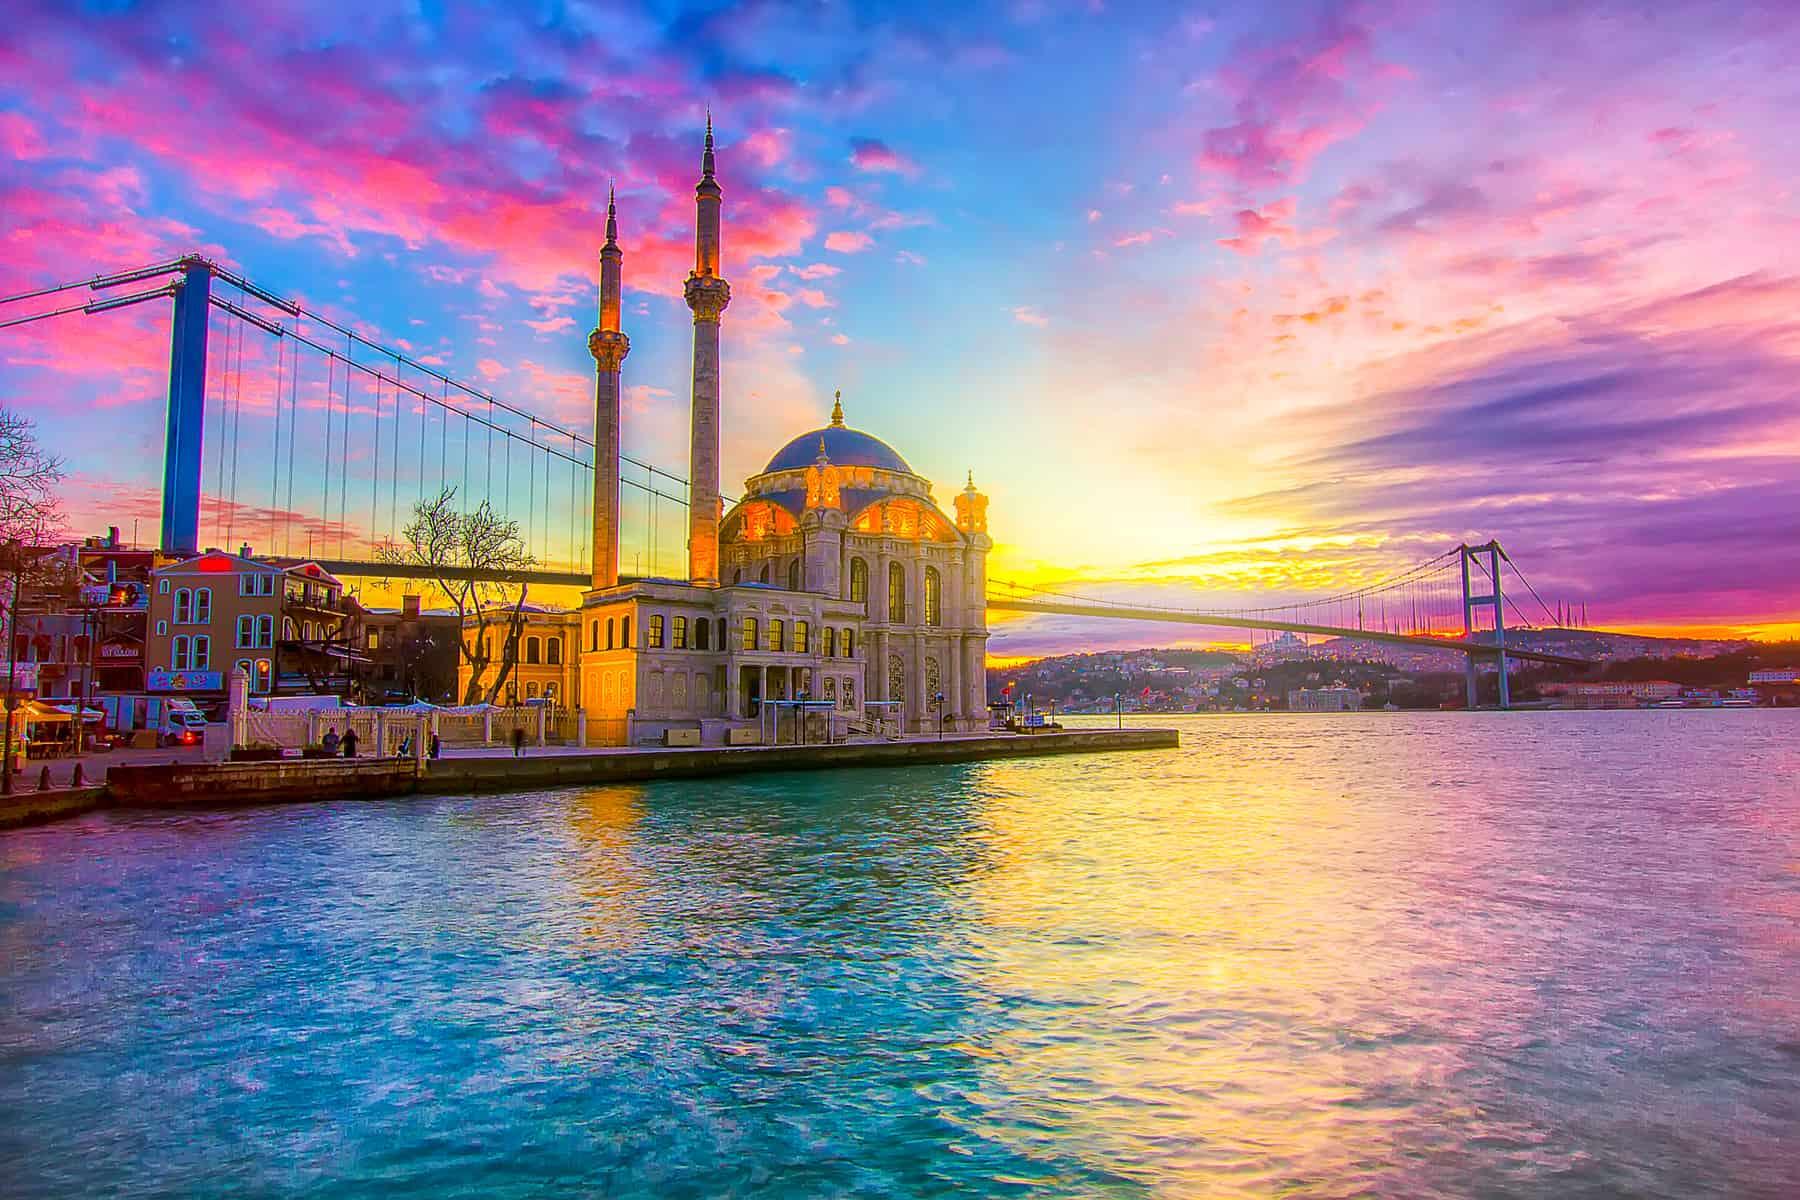 Đầu tư Thổ Nhĩ Kỳ – Bước đệm hoàn hảo nhập cư Anh – Mỹ